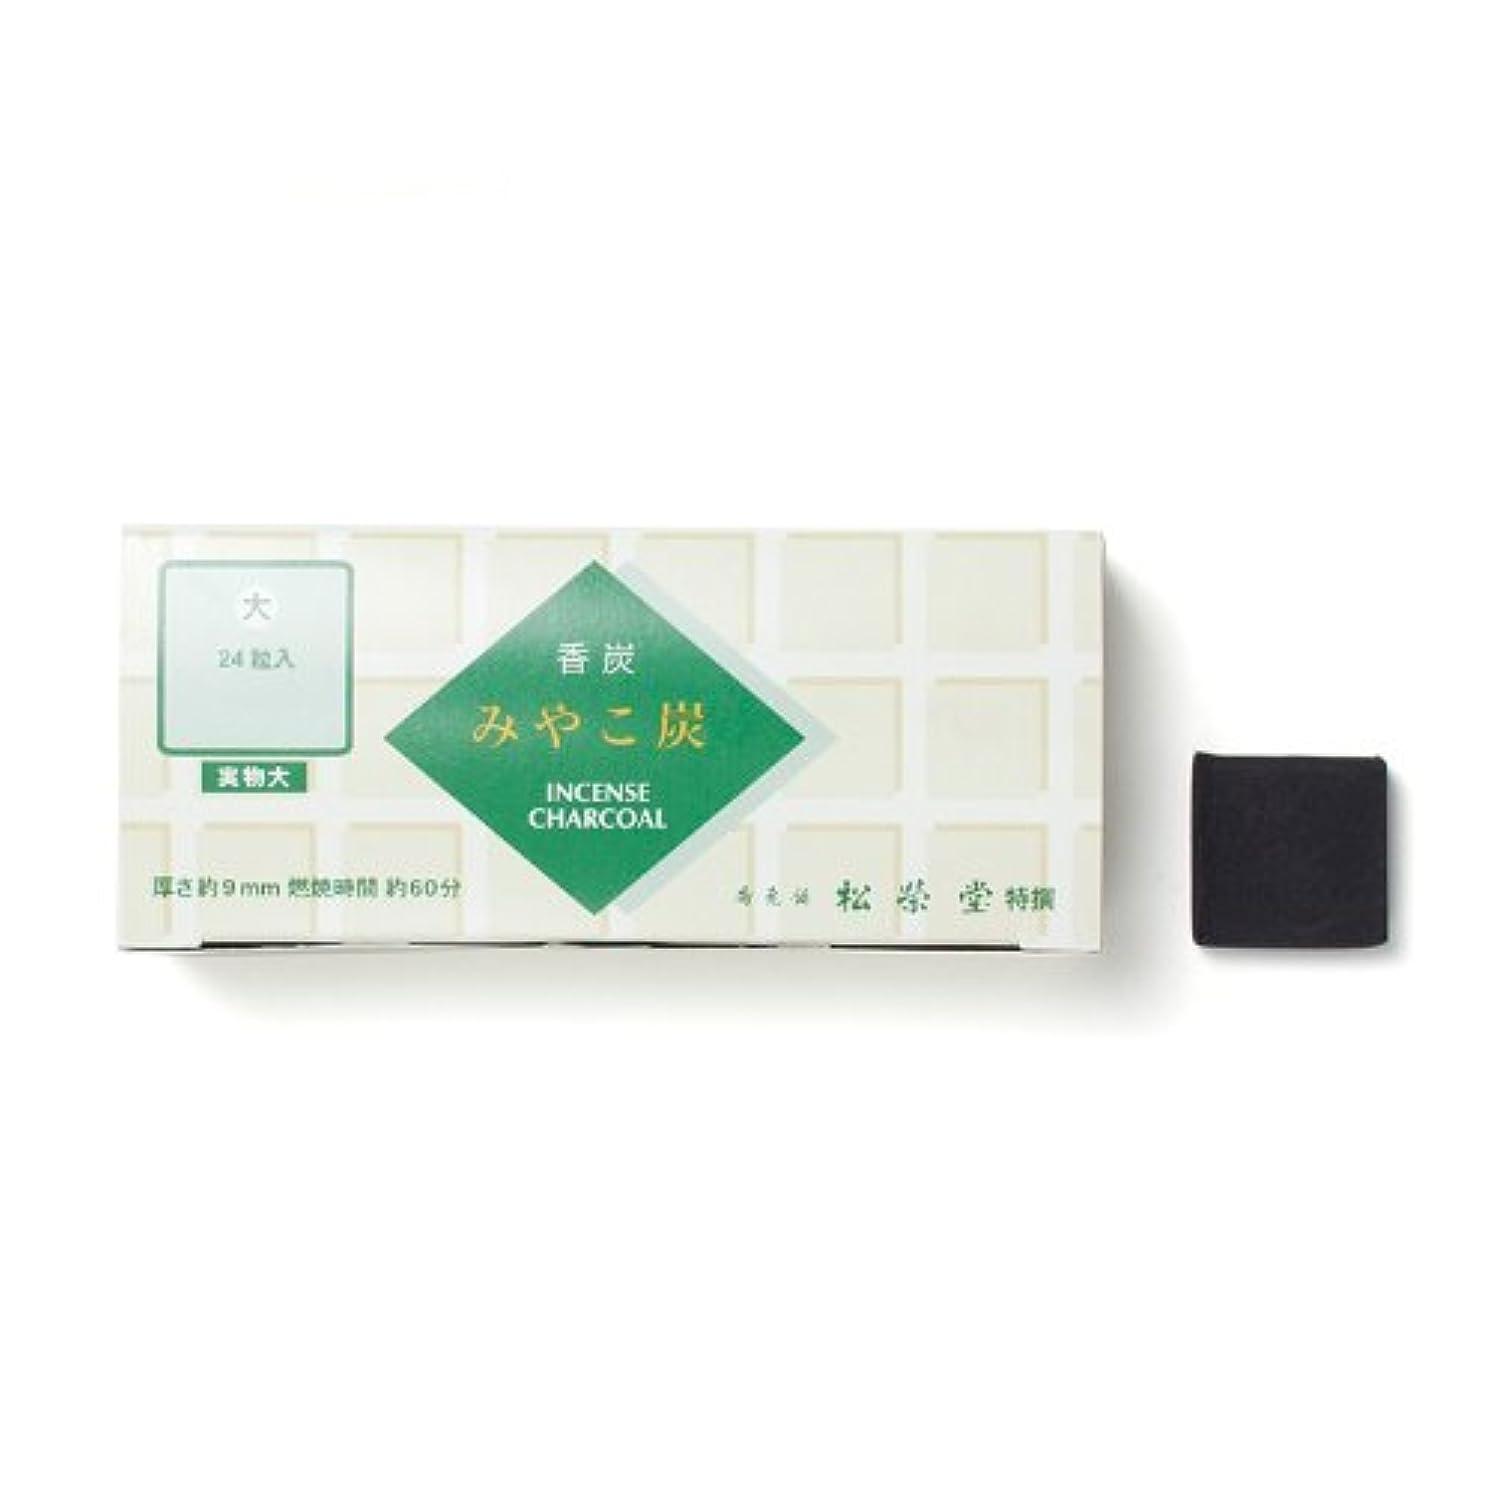 スリラー芸術高度な松栄堂の香炭 みやこ炭 B大24粒 緑箱 #750112